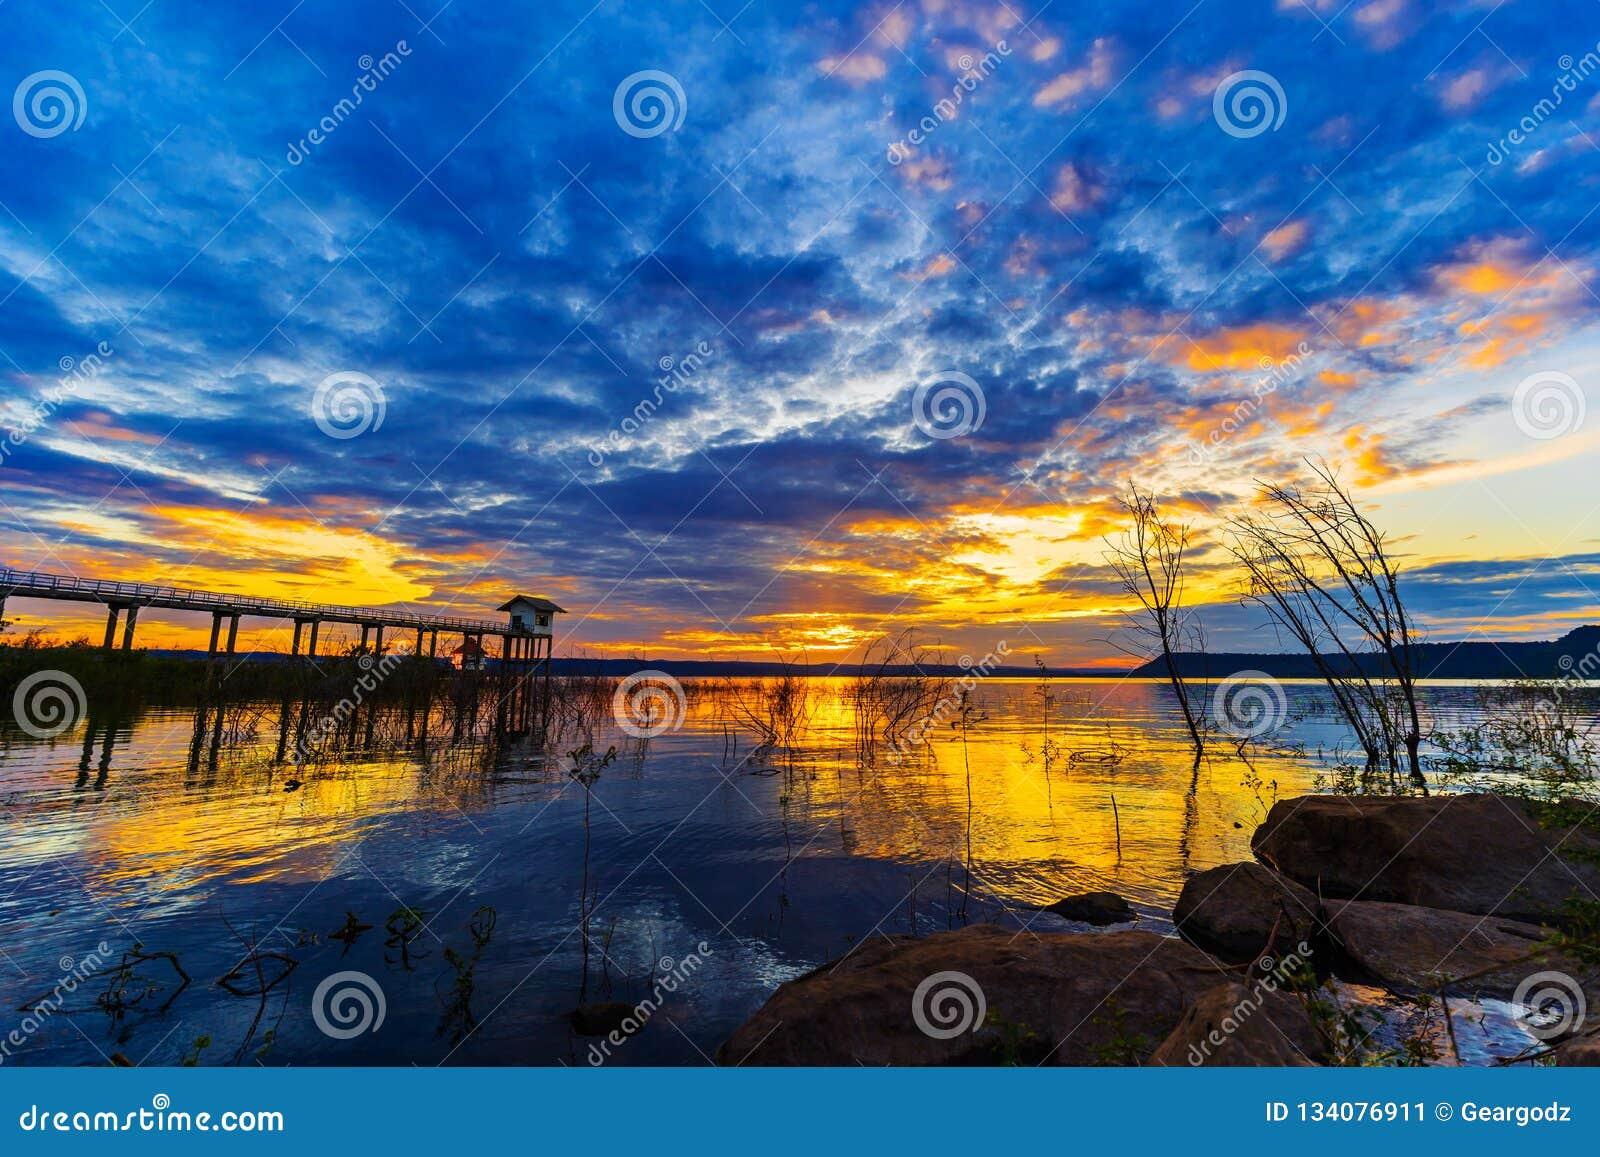 Puesta del sol en la presa de Lum Chae, Nakhon Ratchasima, Tailandia